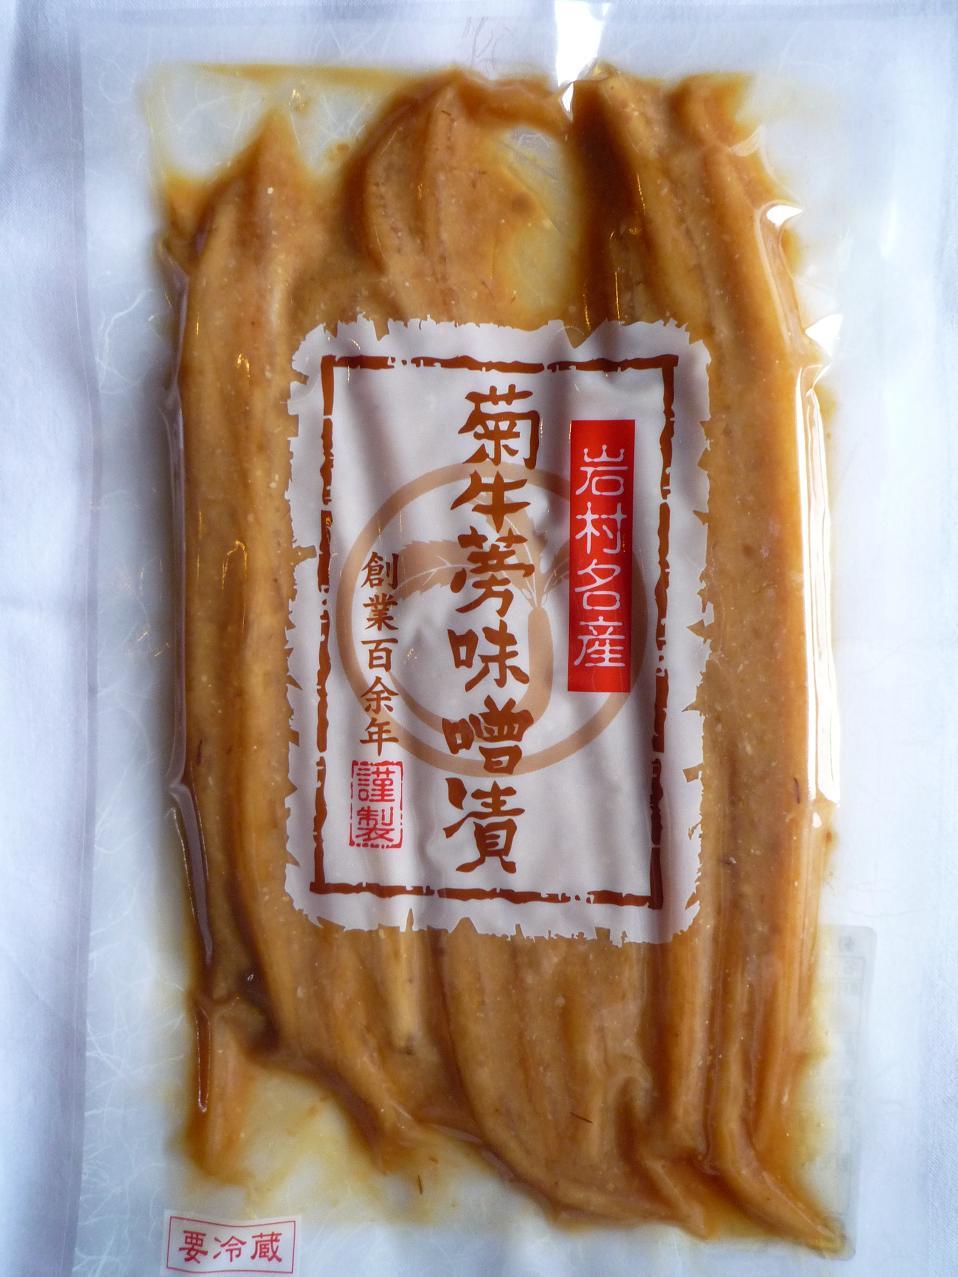 創業100余年「元祖 菊牛蒡味噌漬」は古くより東濃地方の名物として親しまれております